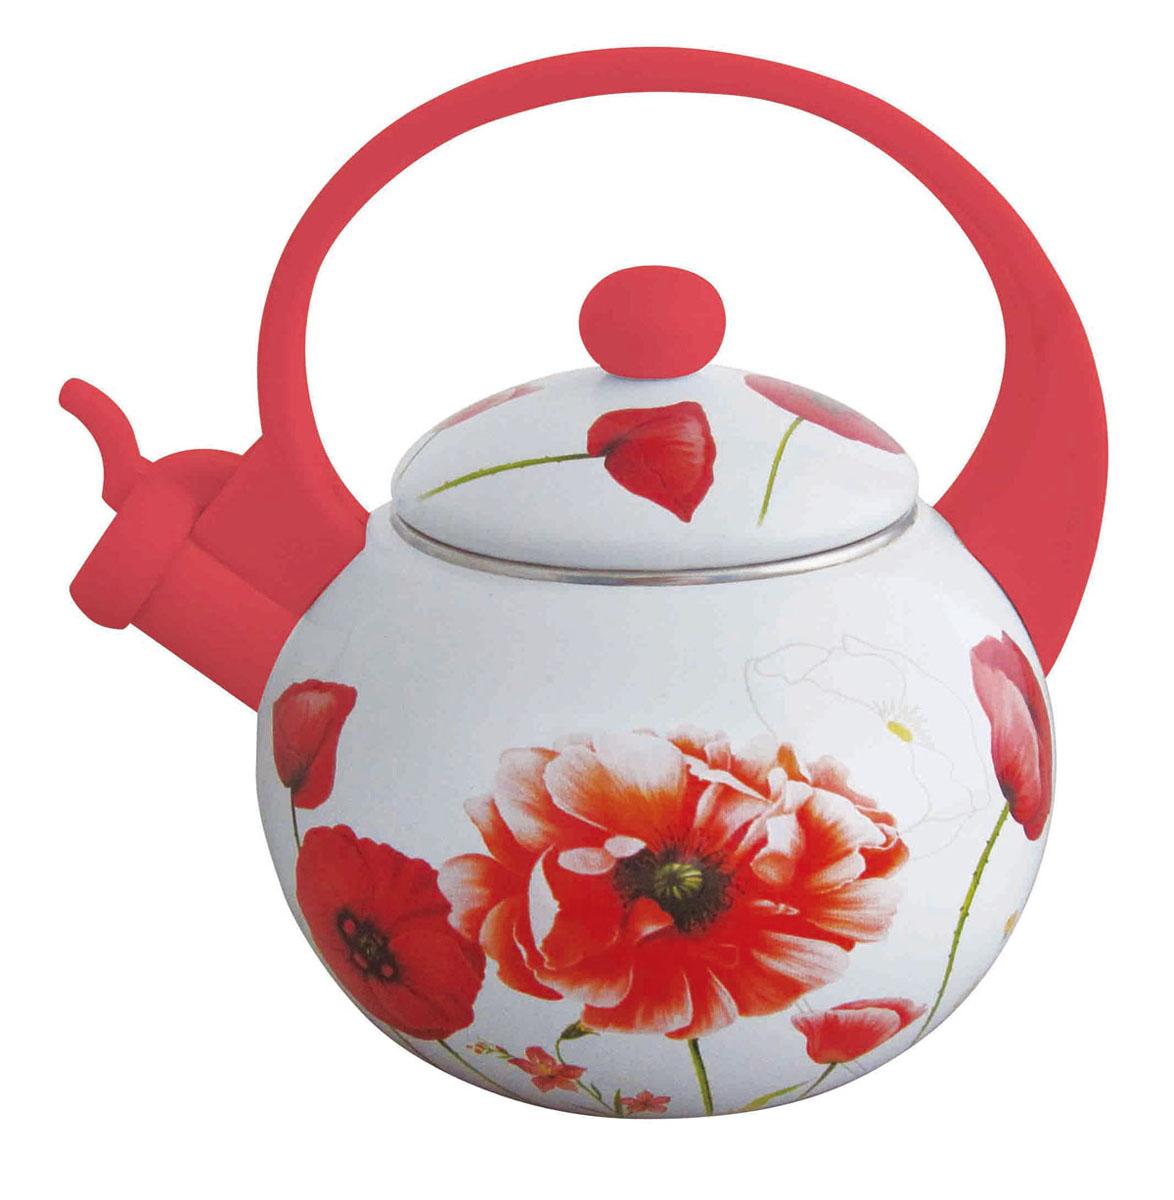 Чайник Winner, со свистком, цвет: белый, красный, 2 л94672Чайник Winner выполнен из углеродистой стали с эмалированной поверхностью (внутри и с наружи) и оформлен ярким изображением красных маков. Носик чайника имеет откидной свисток (фиксируется в открытом виде), звуковой сигнал которого подскажет, когда закипит вода. Ручка и свисток выполнены из бакелита красного цвета. Изделие подходит для использования на всех видах плит, включая индукционные. Рекомендуется ручная чистка. Характеристики:Материал:углеродистая сталь, бакелит. Объем:2 л. Цвет: белый, красный. Диаметр основания чайника: 14 см. Высота чайника (без учета ручки):12 см. Толщина стенки: 0,8 мм. Размер упаковки: 19,5 см х 19,5 см х 22,5 см. Производитель: Германия. Изготовитель: Китай. Артикул: WR-5101.